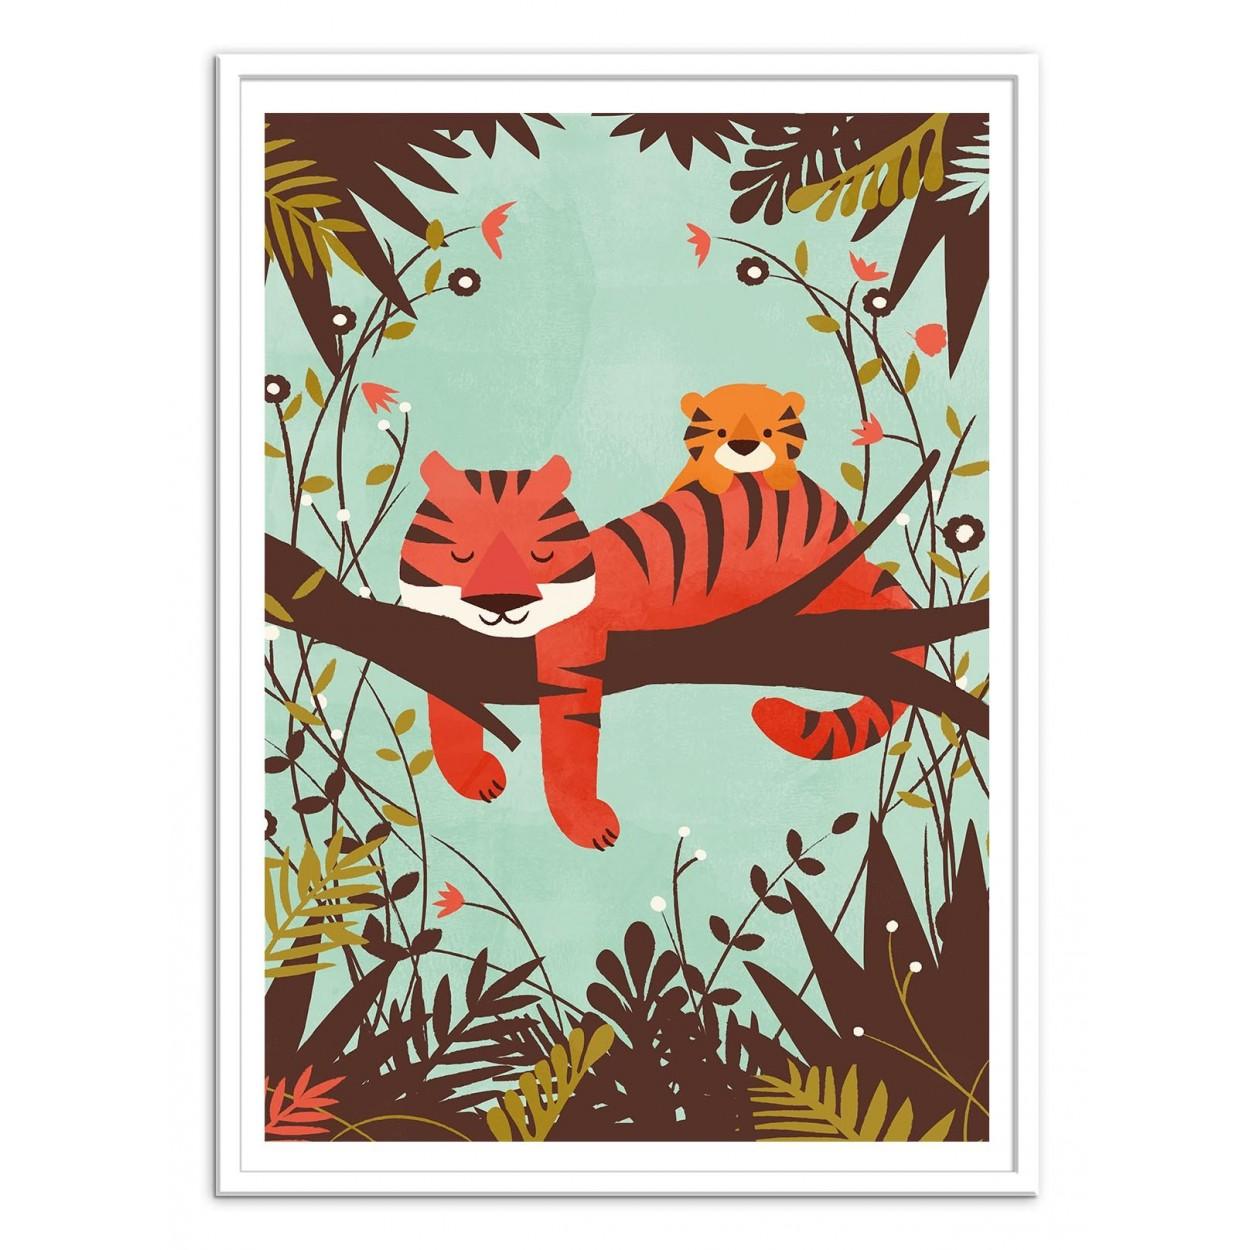 affiche d art et poster illustration pour enfant d un bébé tigre